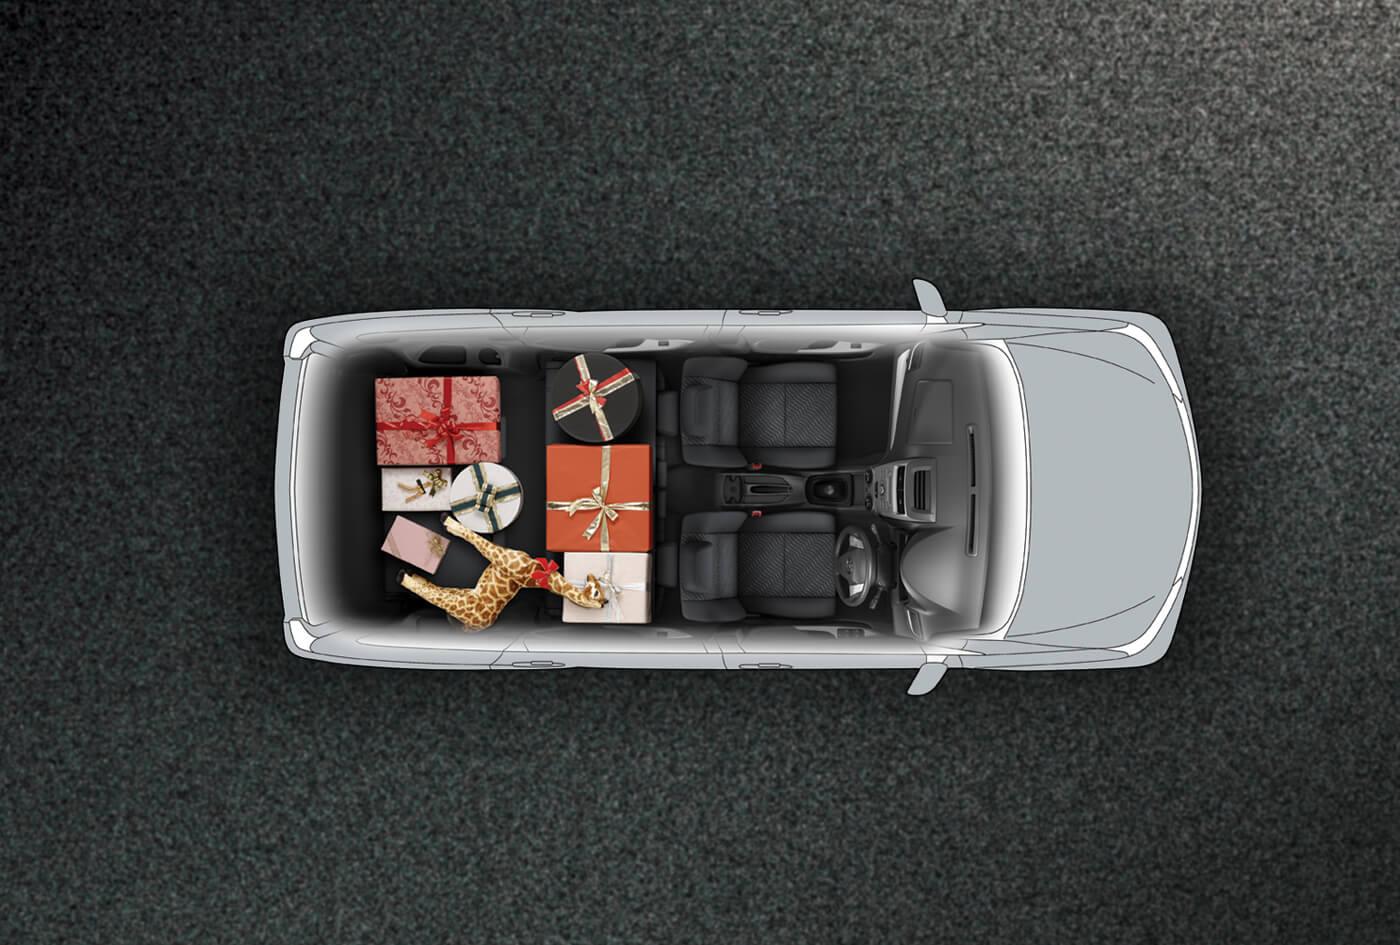 console box grand new avanza 2016 tipe g interior top view